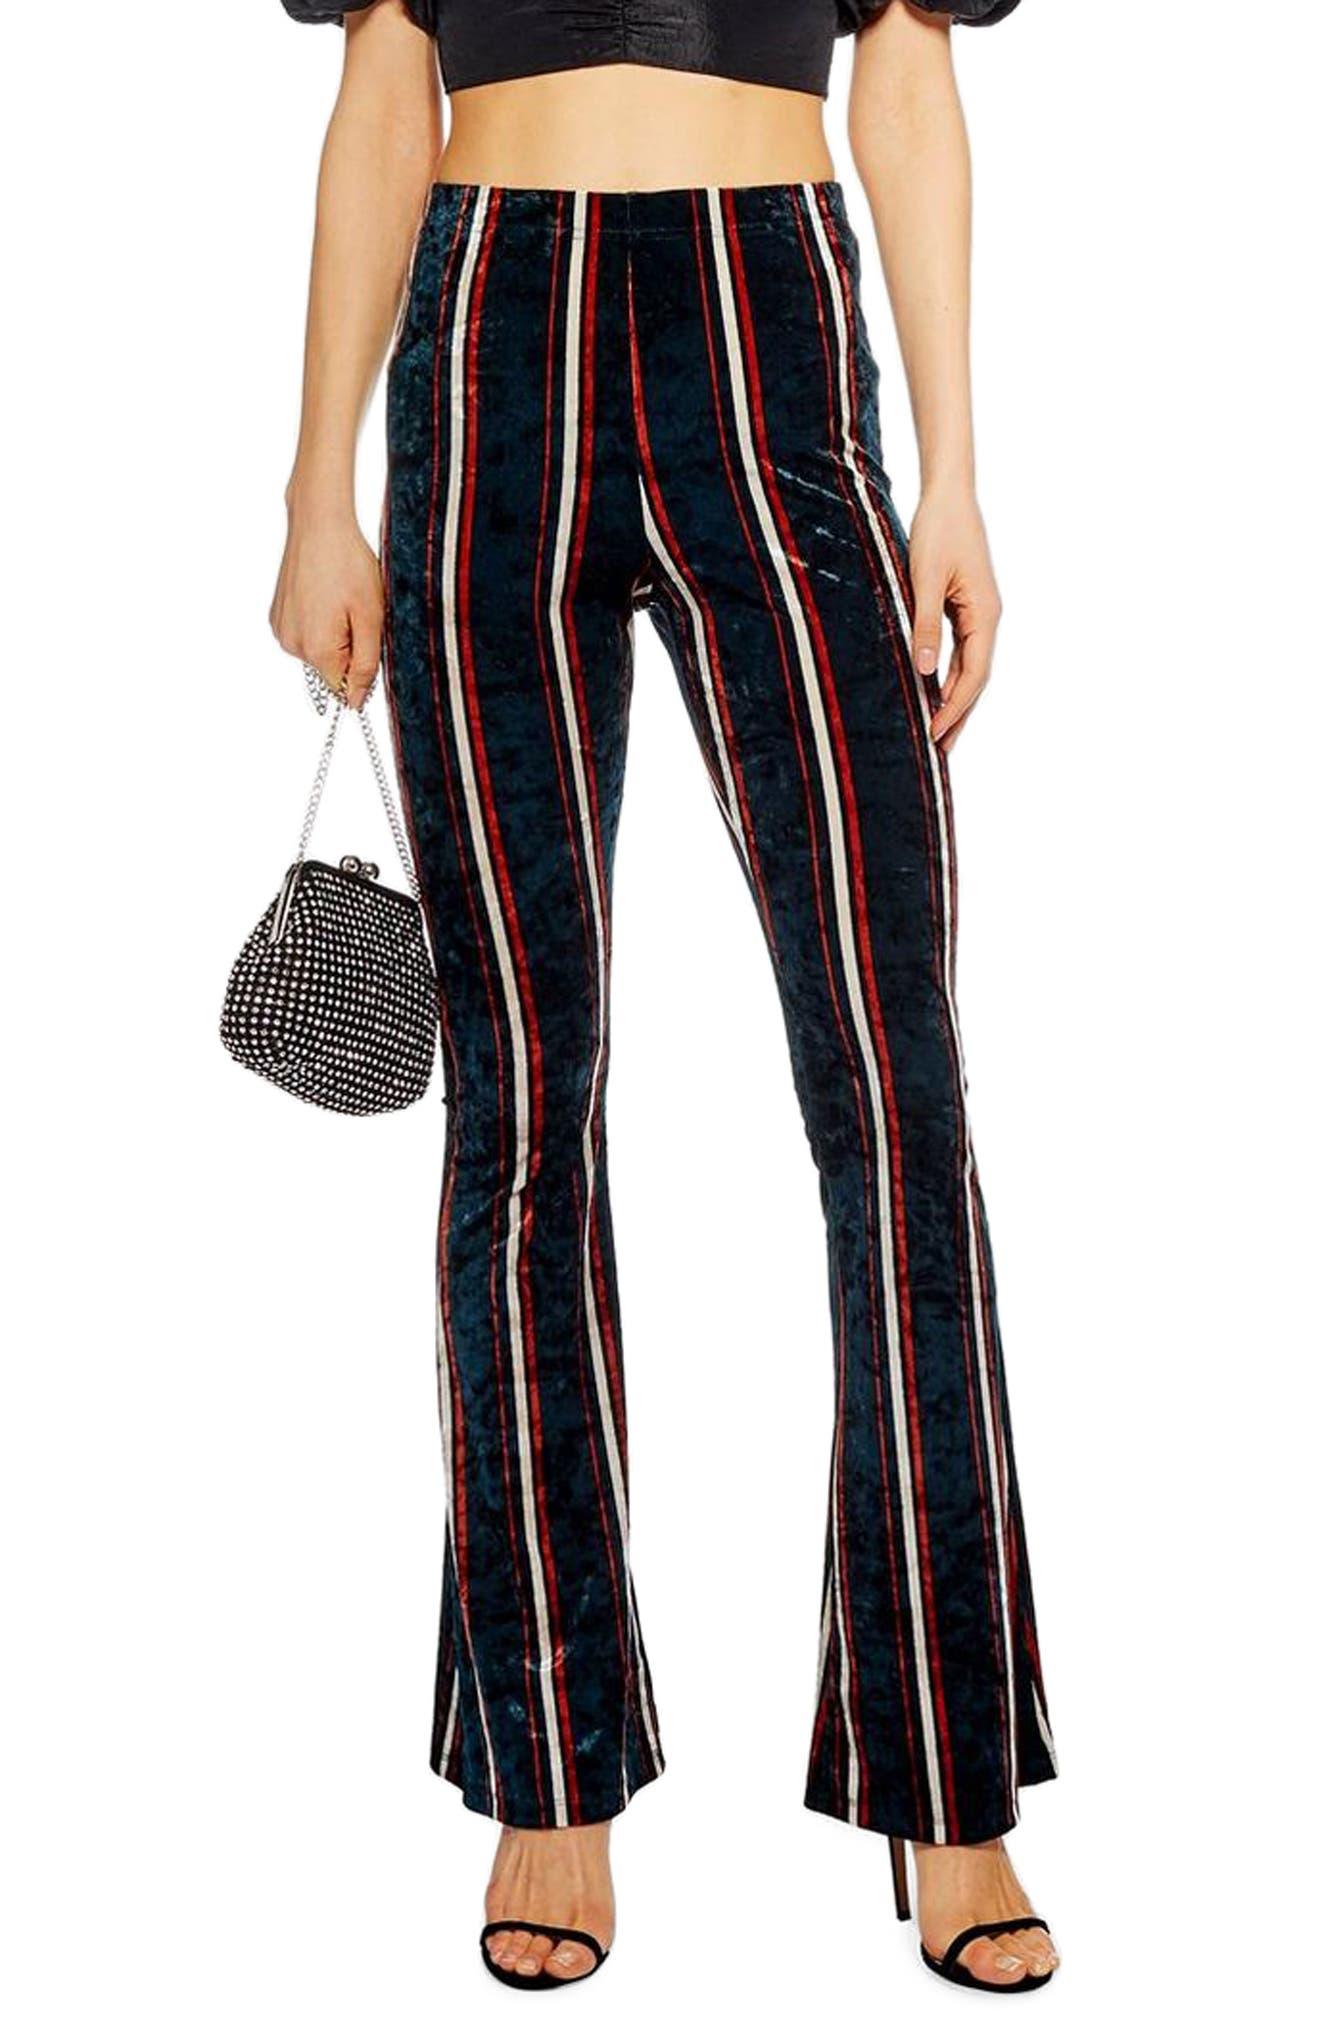 Petite Topshop Stripe Velvet Flare Pants, P US (fits like 6-8P) - Black